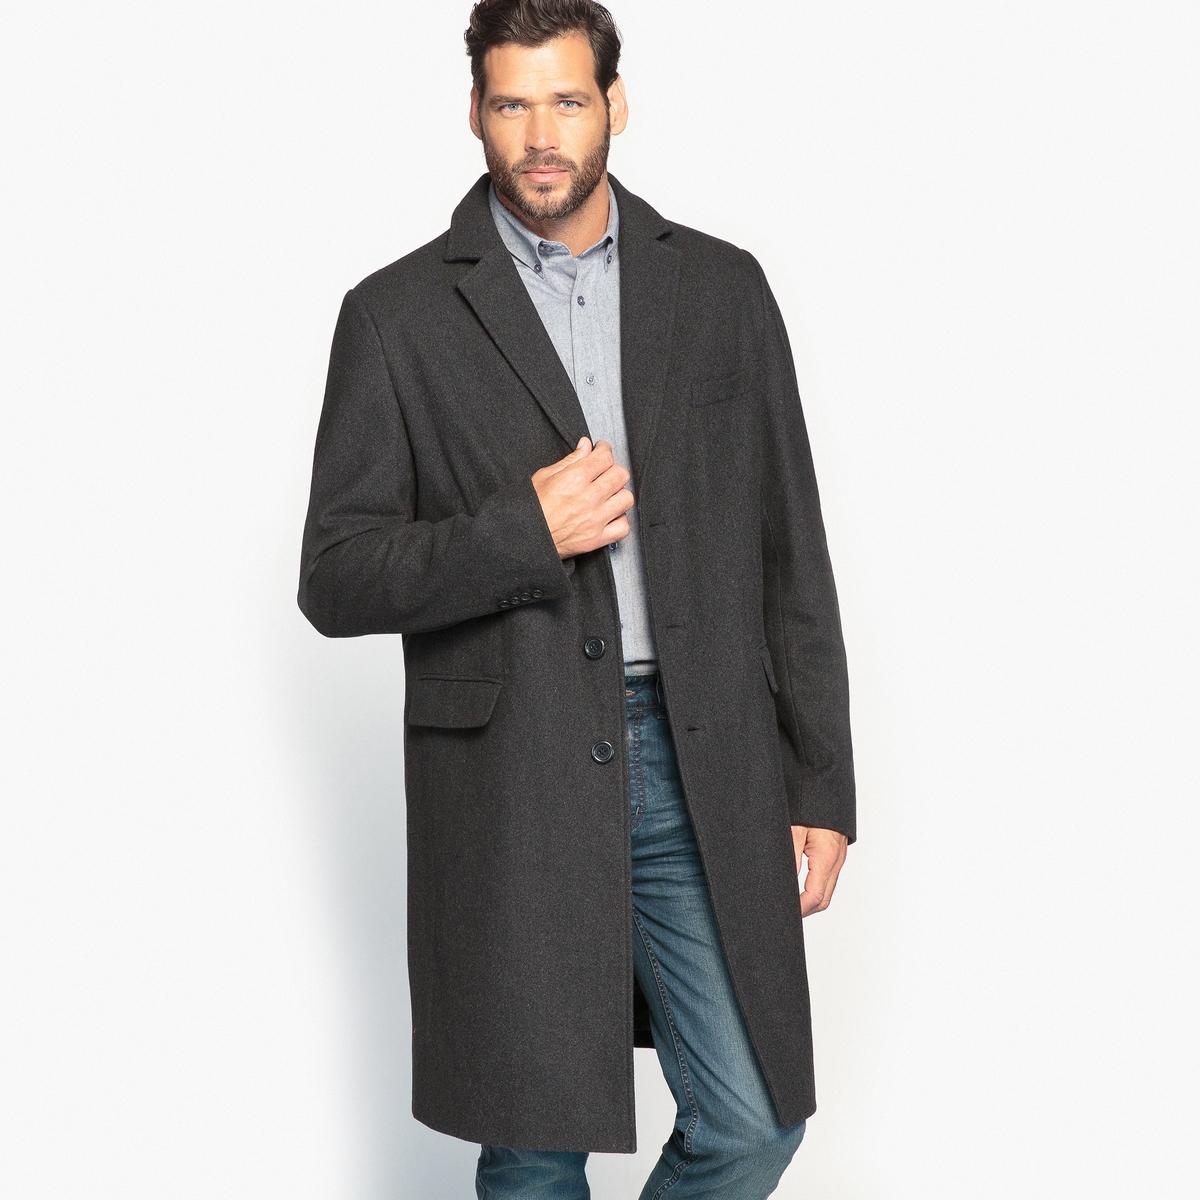 ПальтоОписание:Пальто из шерстяного драпа является неотъемлемым предметом мужского гардероба. Подойдет под образ в любом стиле : классическом или городском.Детали •  Длина  : удлиненная модель •  Воротник-поло, рубашечный • Застежка на пуговицыСостав и уход •  3% вискозы, 62% шерсти, 6% акрила, 2% хлопка, 3% полиамида, 24% полиэстера •  Подкладка 100% полиэстер • Не стирать •  Разрешается использование любых растворителей/отбеливание запрещено •  Не использовать барабанную сушку •  Не гладитьТовар из коллекции больших размеров •  2 кармана с клапанами.<br><br>Цвет: антрацит